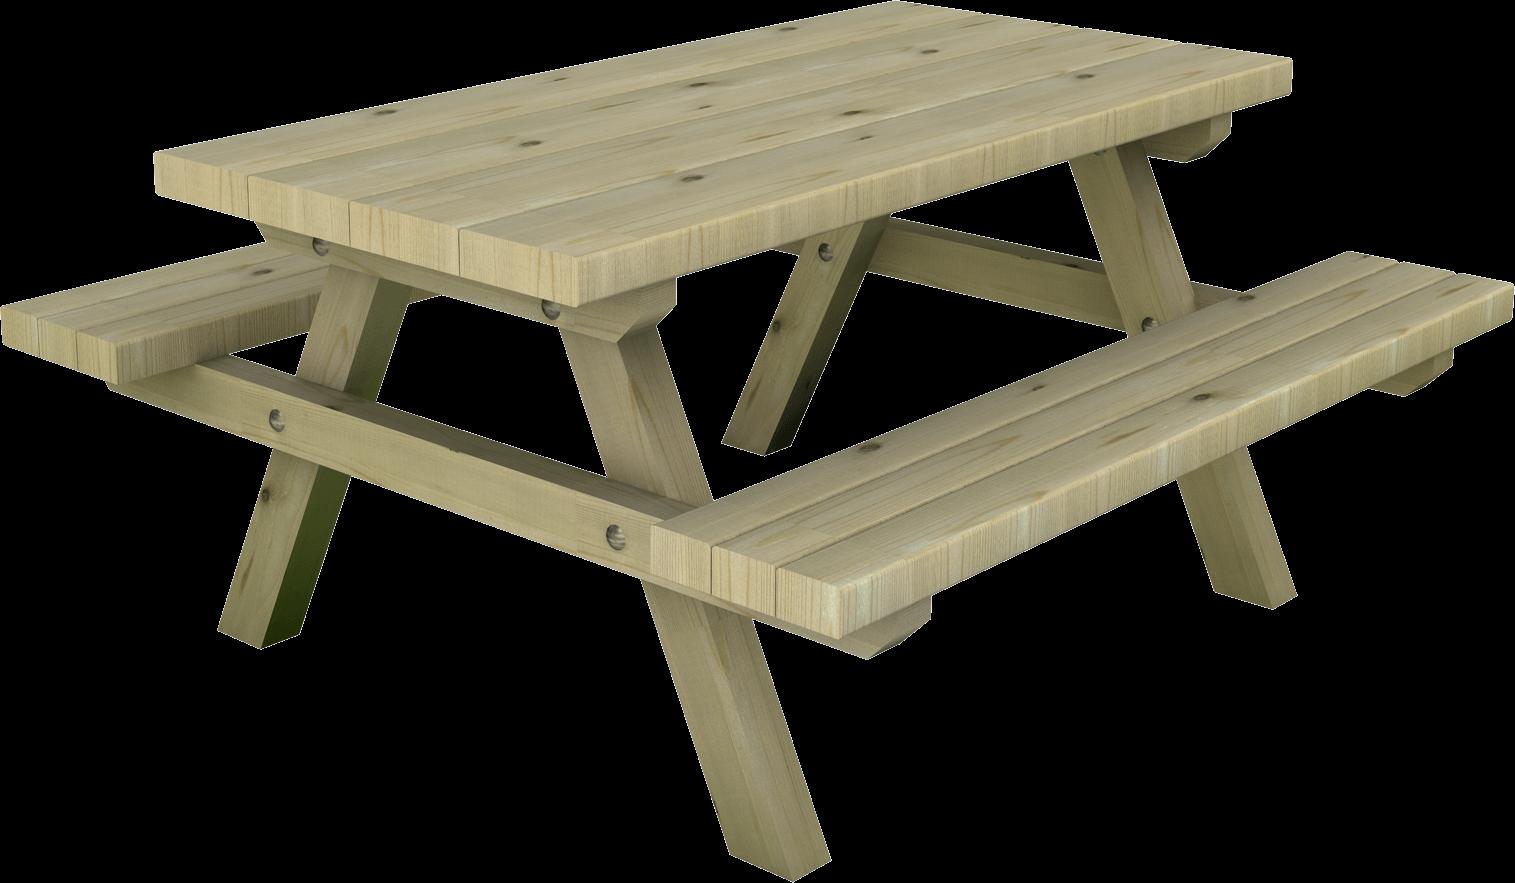 Tavolo per bambini in legno di pino nordico impregnato in autoclave realizzato da Linea Montanalegno - ILT